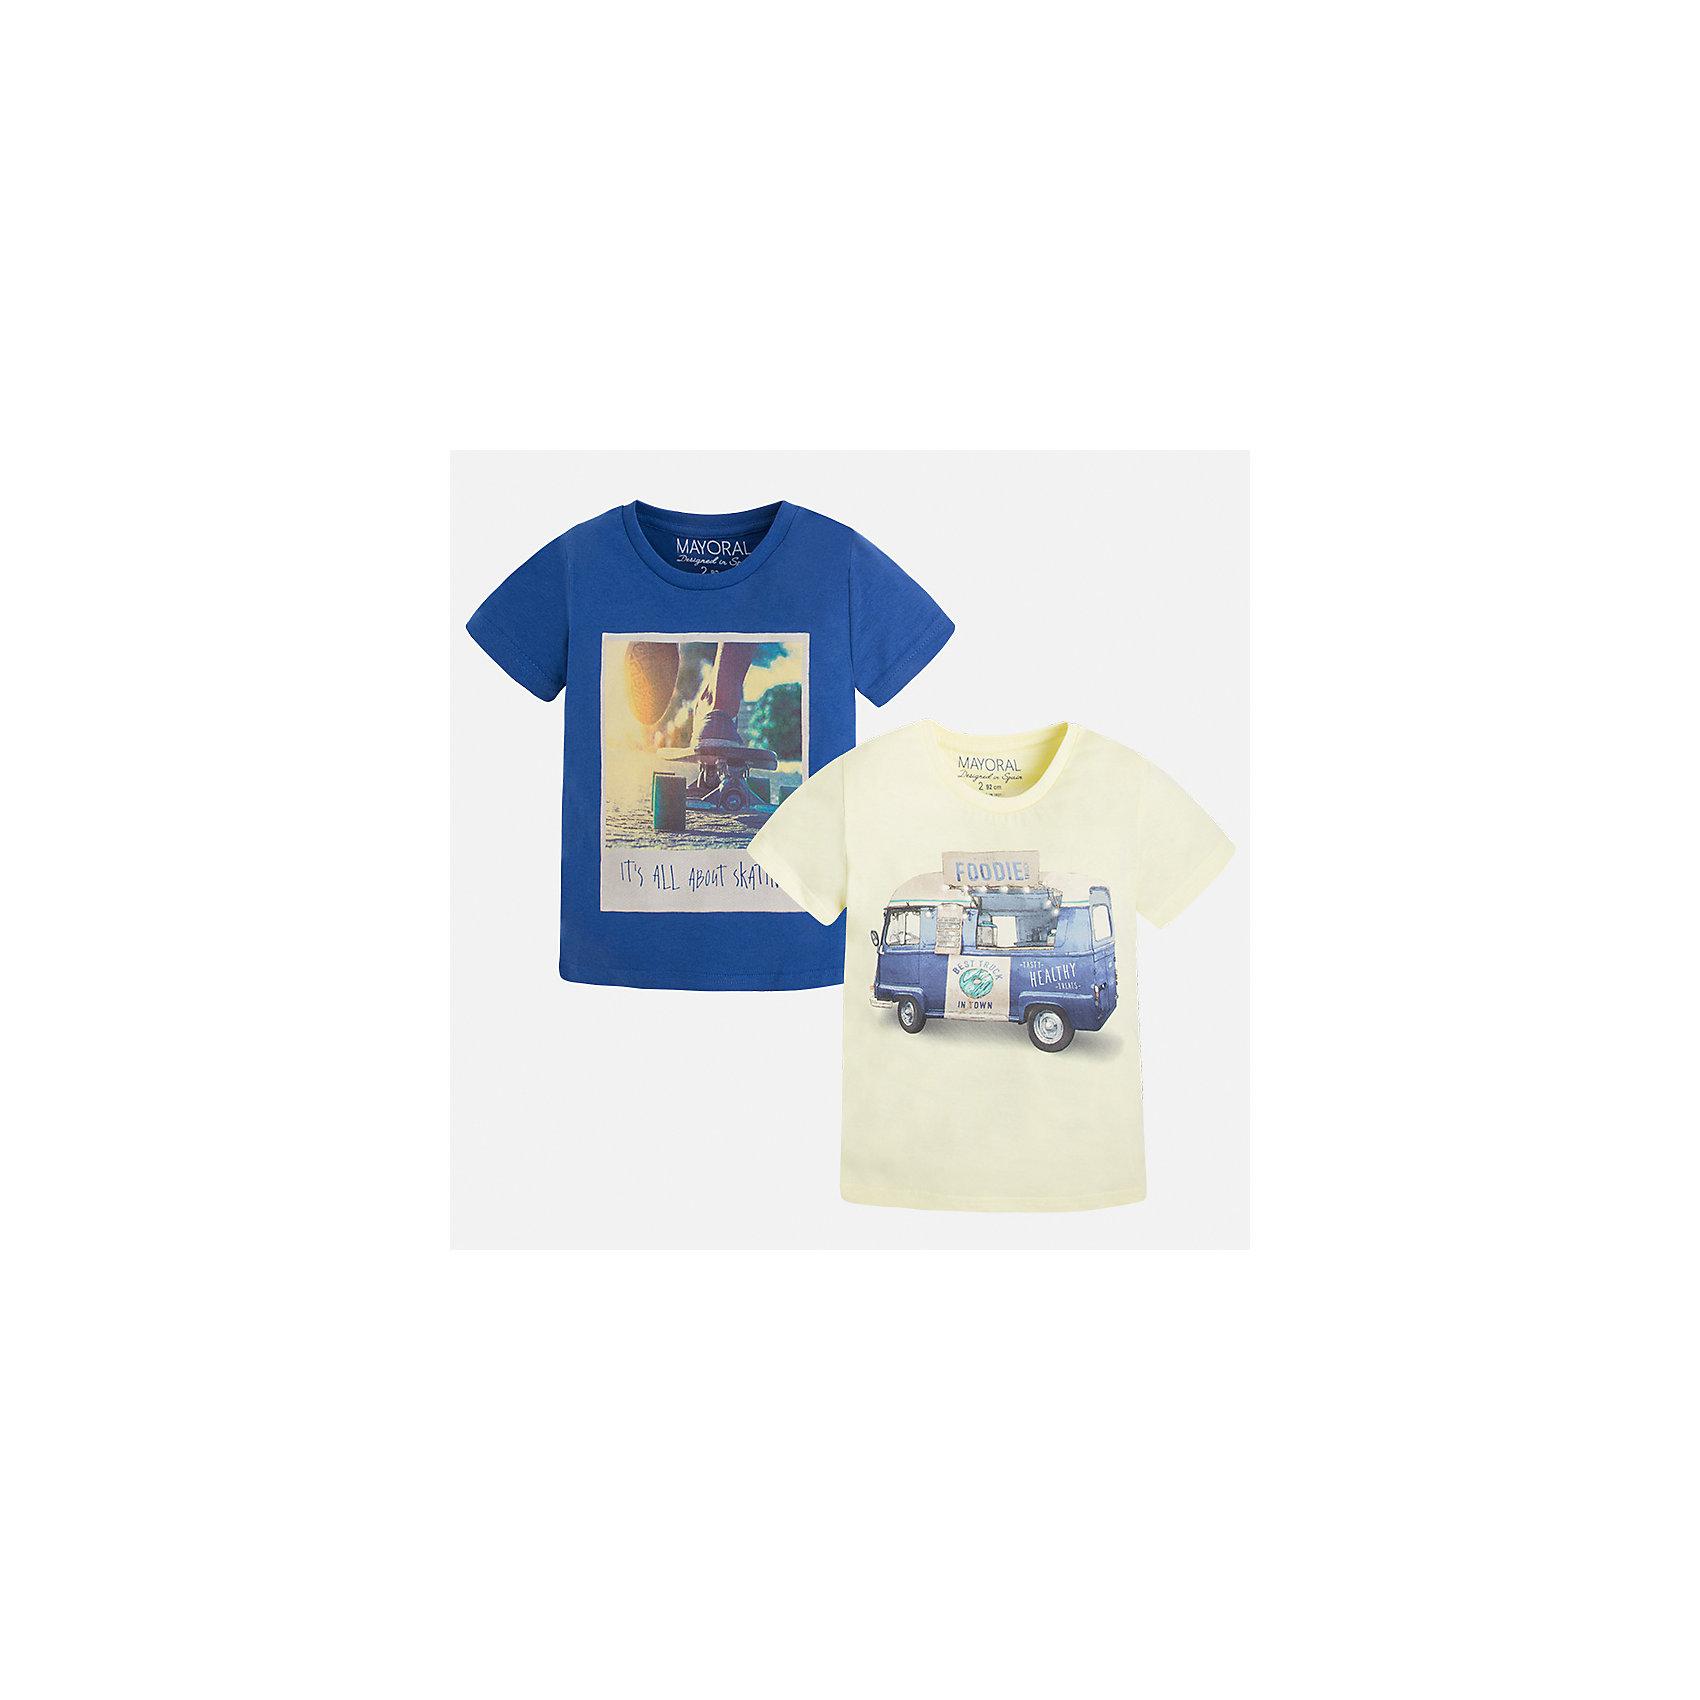 Футболка с длинным рукавом для мальчика MayoralФутболки, поло и топы<br>Характеристики товара:<br><br>• цвет: желтый/синий<br>• состав: 100% хлопок<br>• комплектация: 2 шт<br>• декорированы рисунком<br>• короткие рукава<br>• отделка горловины<br>• страна бренда: Испания<br><br>Модная удобная футболка с принтом поможет разнообразить гардероб мальчика. Она отлично сочетается с брюками, шортами, джинсами. Универсальный крой и цвет позволяет подобрать к вещи низ разных расцветок. Практичное и стильное изделие! Хорошо смотрится и комфортно сидит на детях. В составе материала - только натуральный хлопок, гипоаллергенный, приятный на ощупь, дышащий. <br><br>Одежда, обувь и аксессуары от испанского бренда Mayoral полюбились детям и взрослым по всему миру. Модели этой марки - стильные и удобные. Для их производства используются только безопасные, качественные материалы и фурнитура. Порадуйте ребенка модными и красивыми вещами от Mayoral! <br><br>Футболку (2 шт.) для мальчика от испанского бренда Mayoral (Майорал) можно купить в нашем интернет-магазине.<br><br>Ширина мм: 230<br>Глубина мм: 40<br>Высота мм: 220<br>Вес г: 250<br>Цвет: белый<br>Возраст от месяцев: 72<br>Возраст до месяцев: 84<br>Пол: Мужской<br>Возраст: Детский<br>Размер: 122,134,128,116,110,104,98,92<br>SKU: 5280156